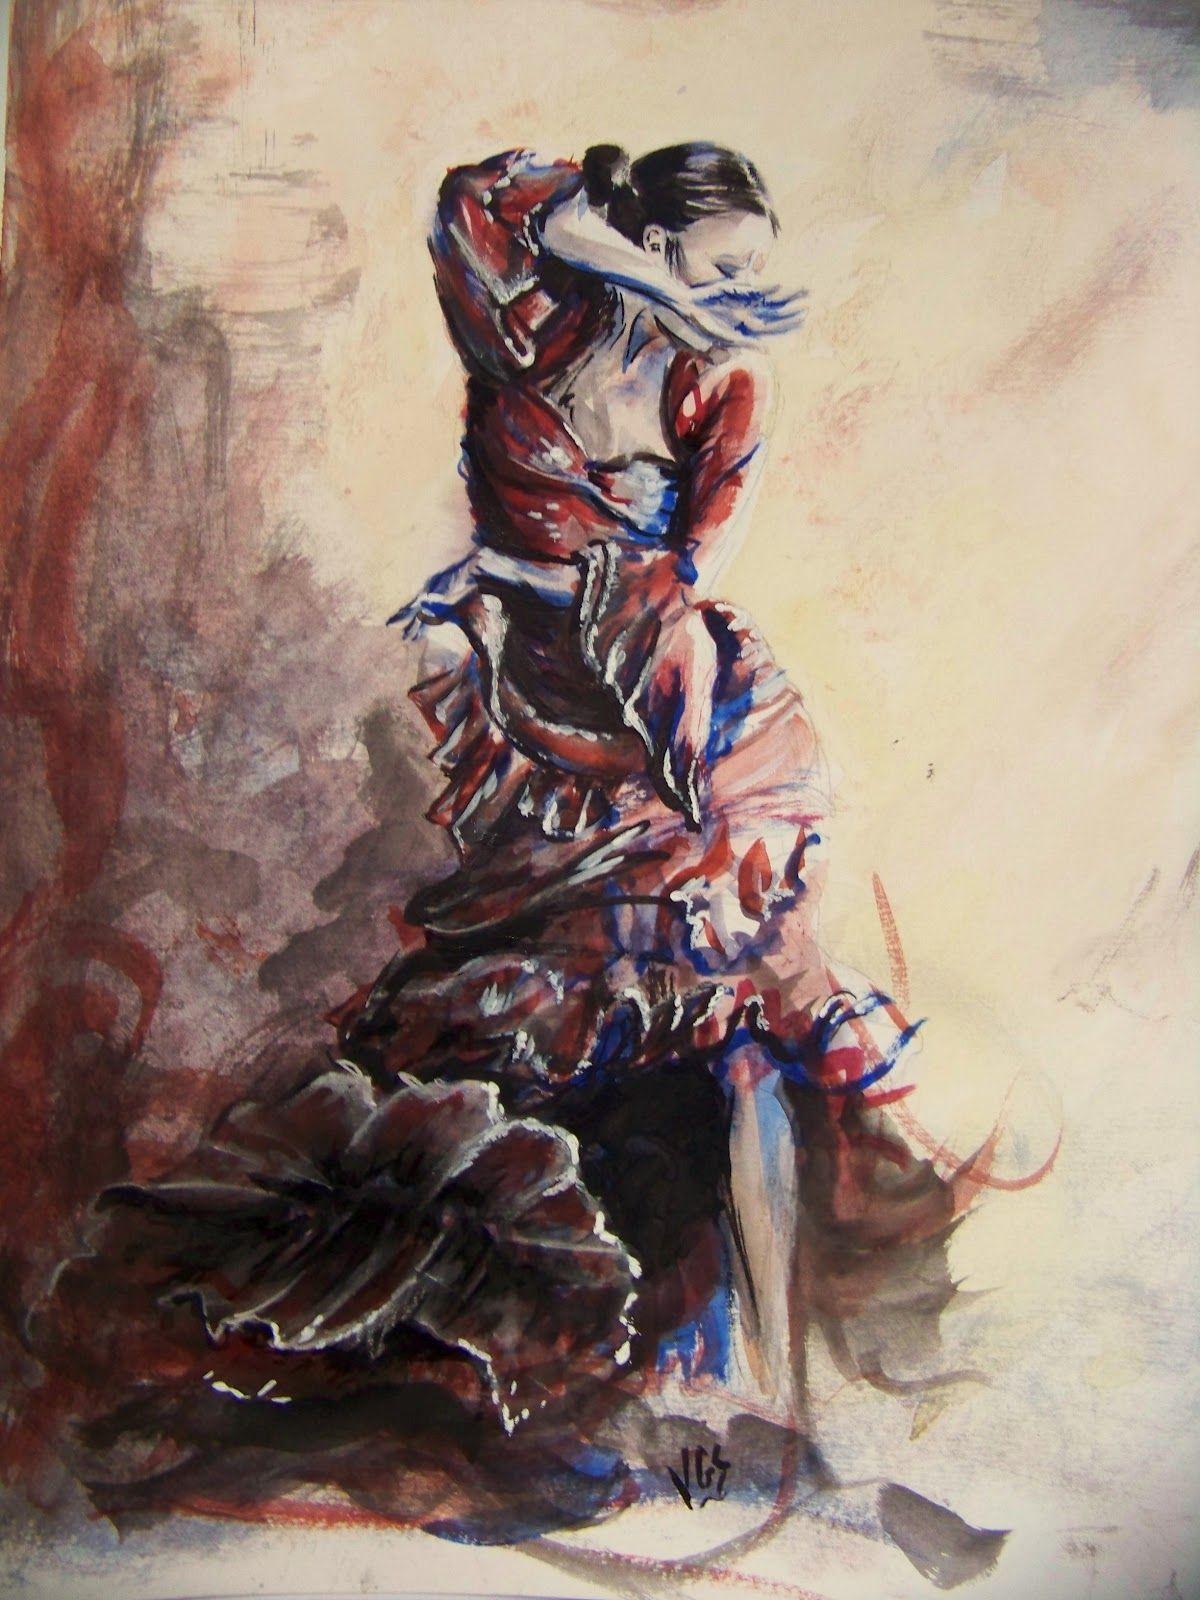 Aquarelle danseuse de flamenco art board international - Danseuse flamenco dessin ...